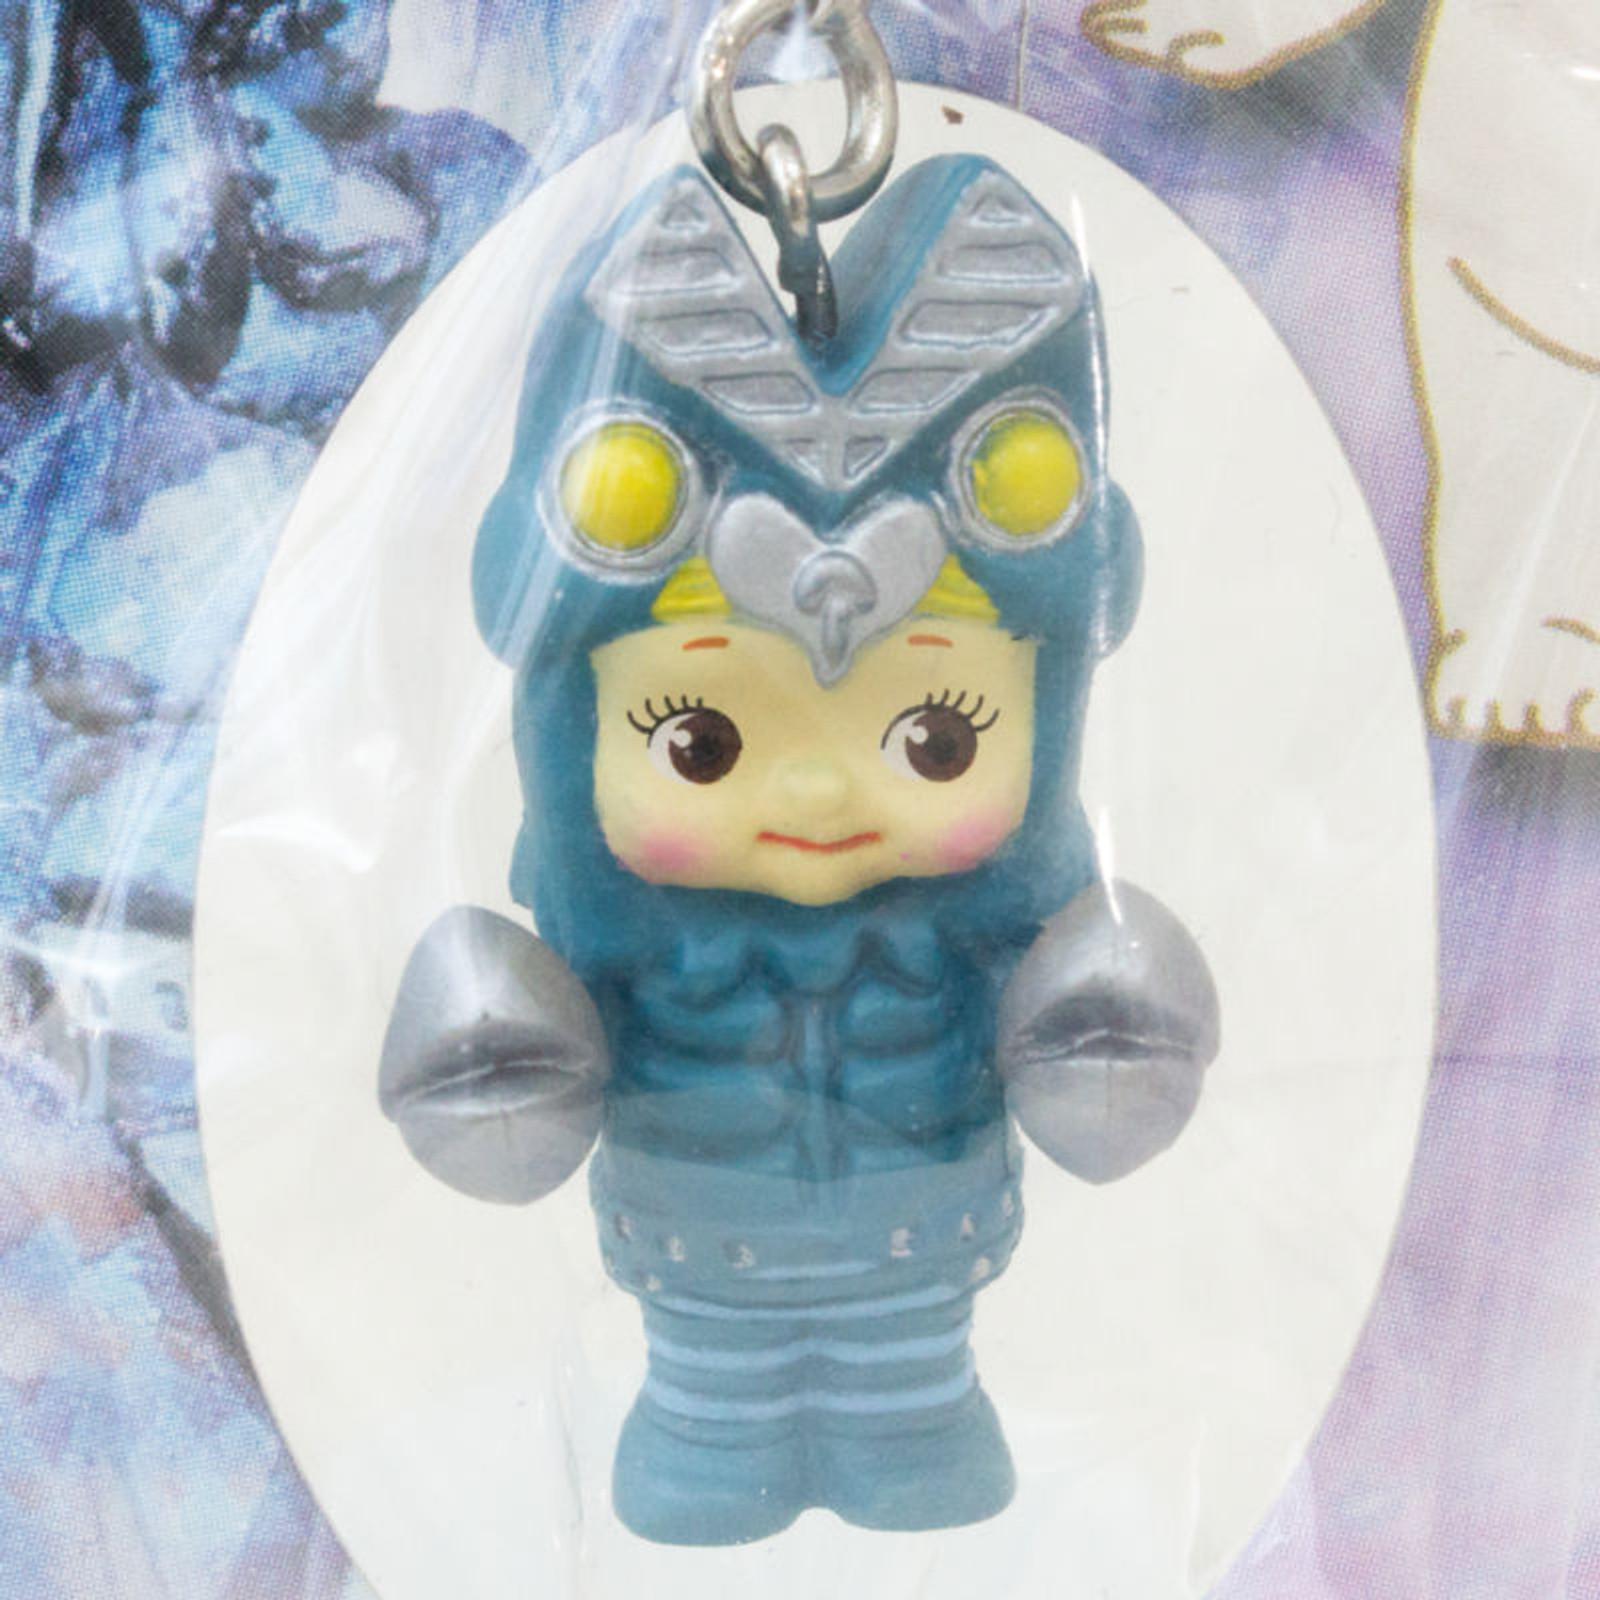 Ultraman Alien Baltan Rose O'neill Kewpie Kewsion Strap JAPAN ANIME MANGA